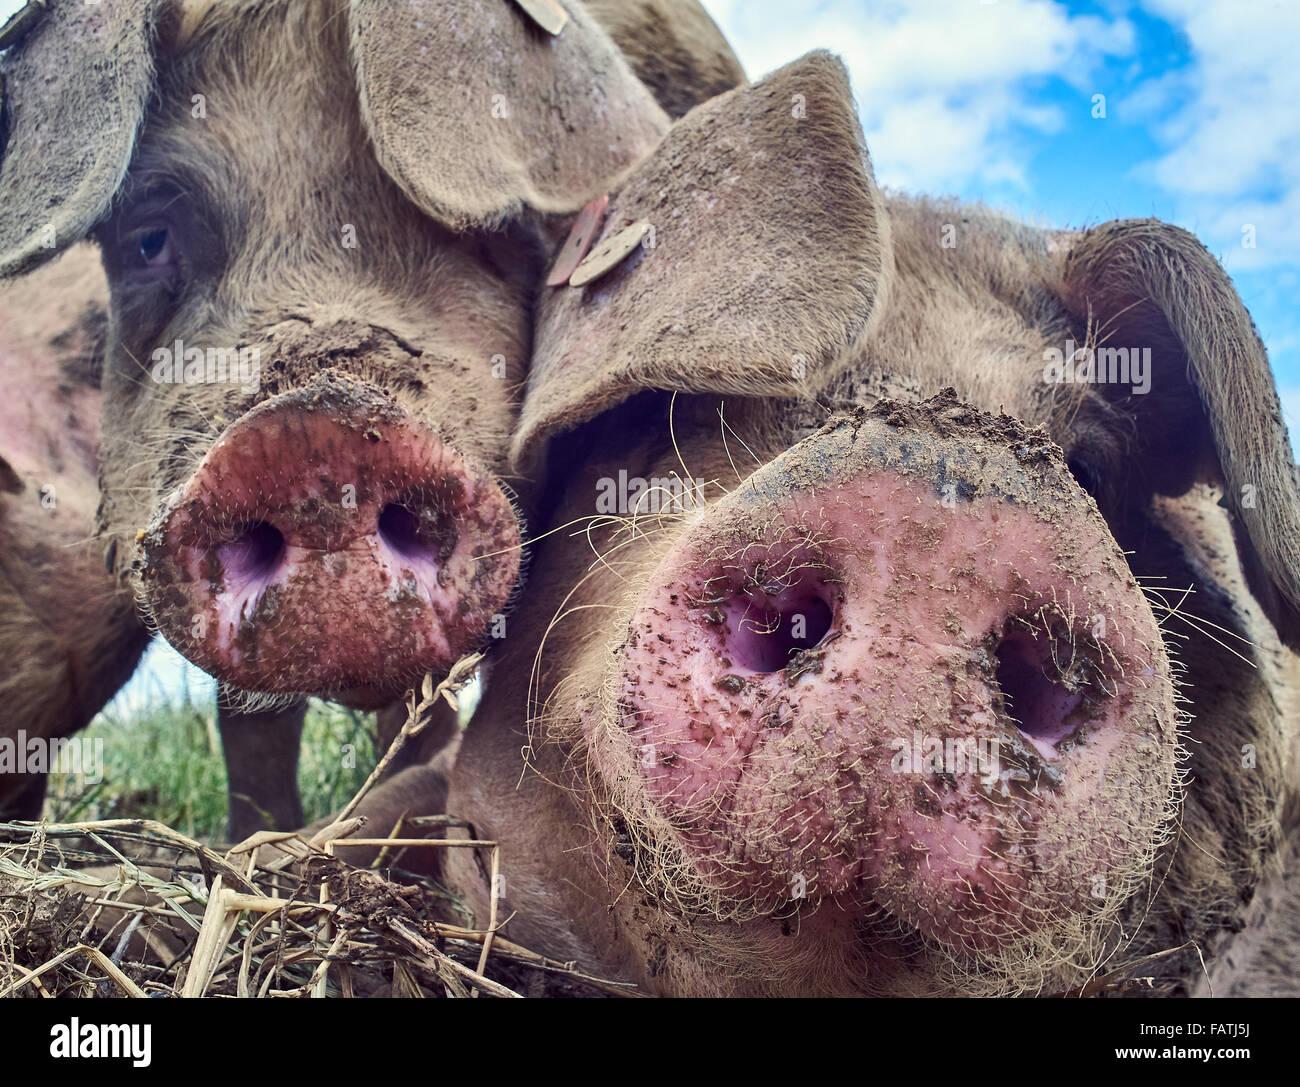 Kopfschuss von freilaufenden Schweinen in einer Wiese hautnah Stockbild